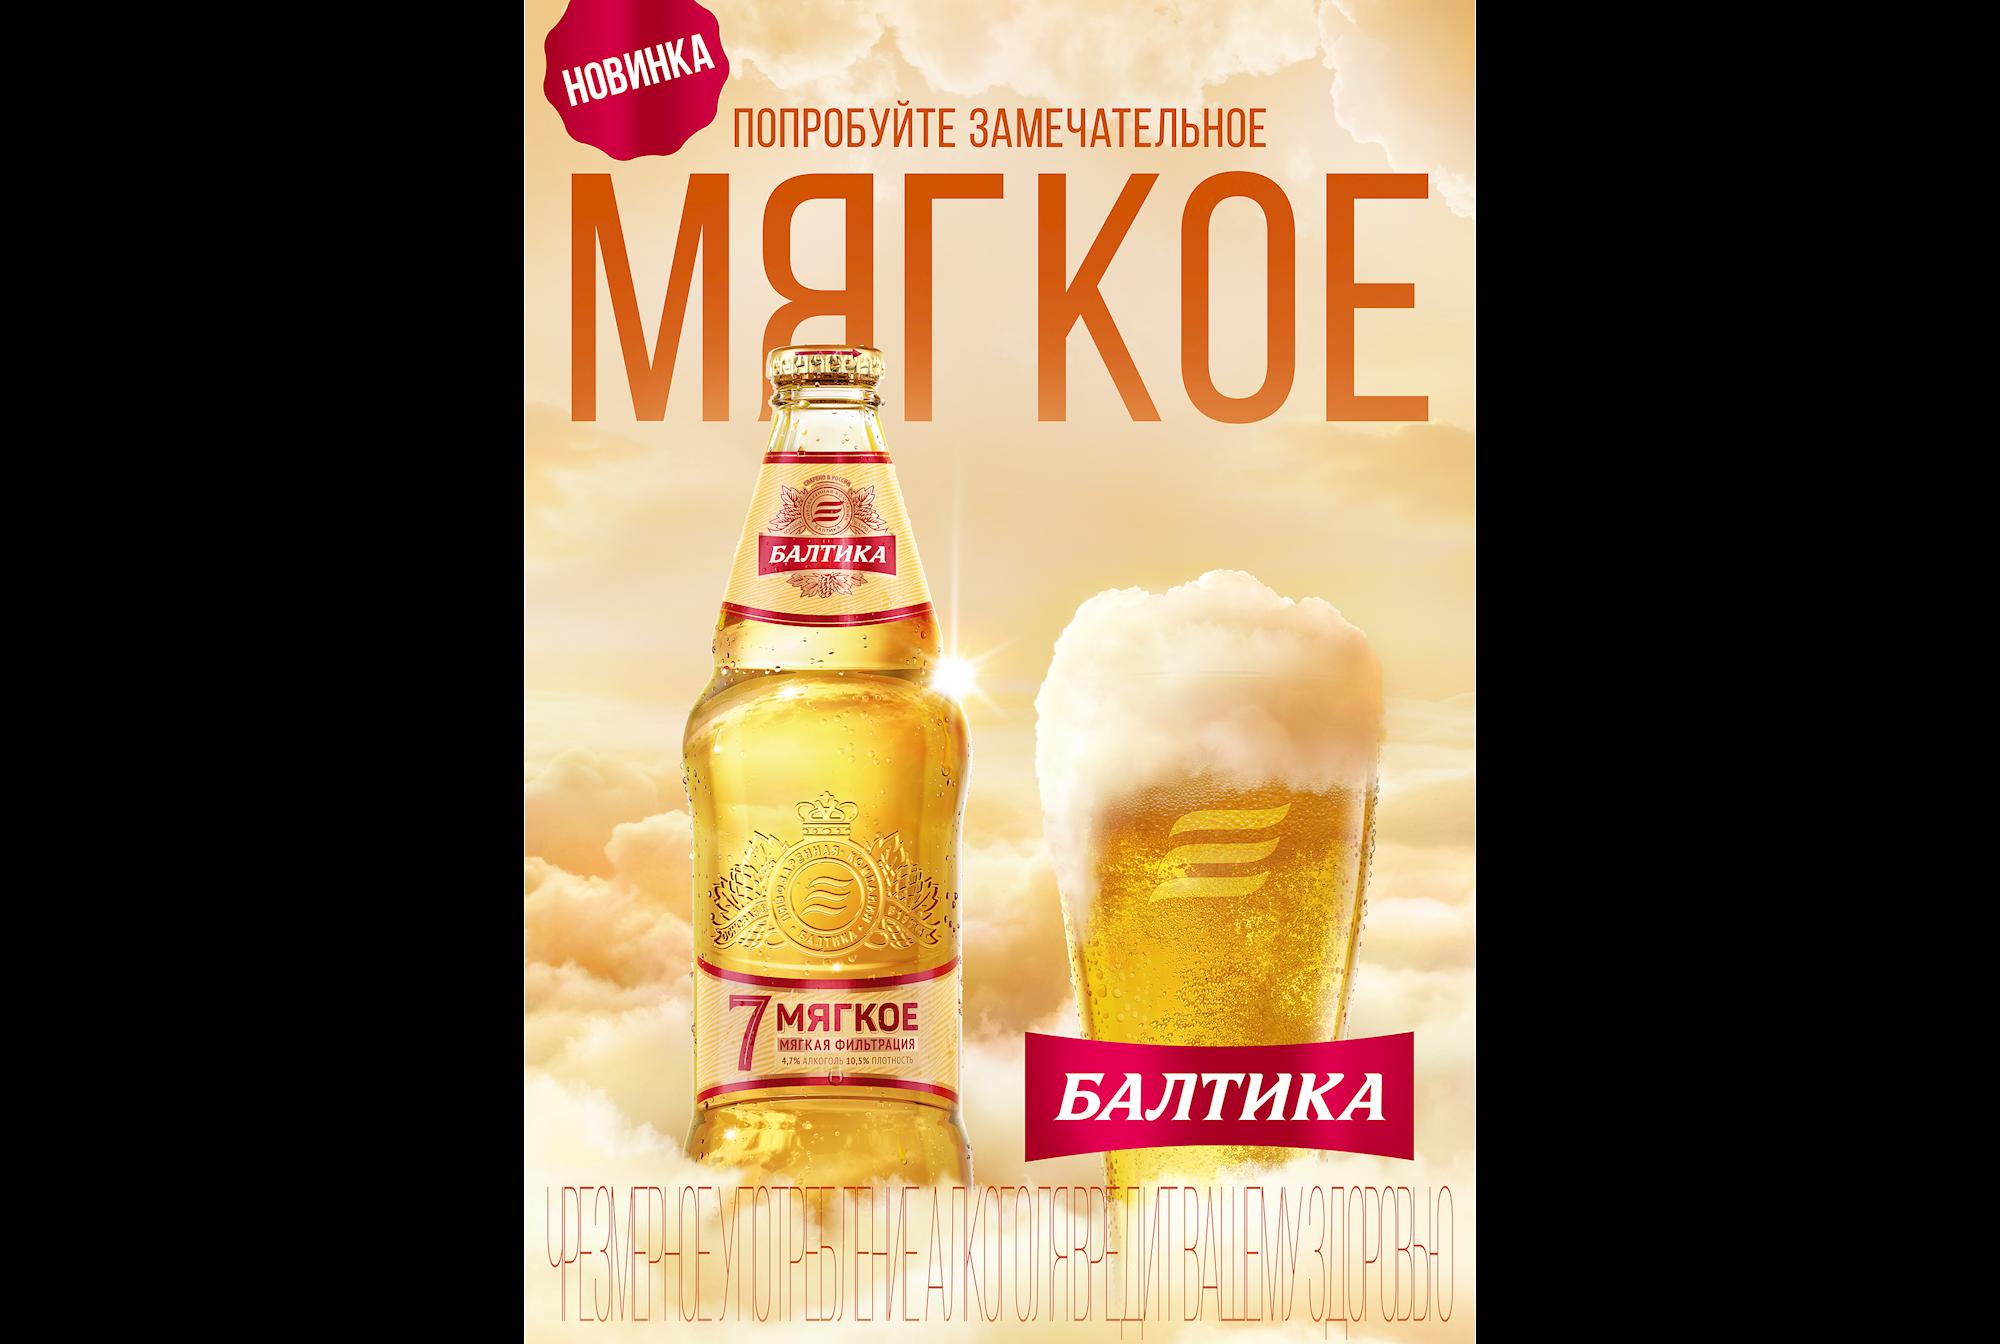 Россия. Семен Слепаков стал лицом рекламной кампании сорта «Балтика 7 Мягкое Безалкогольное»